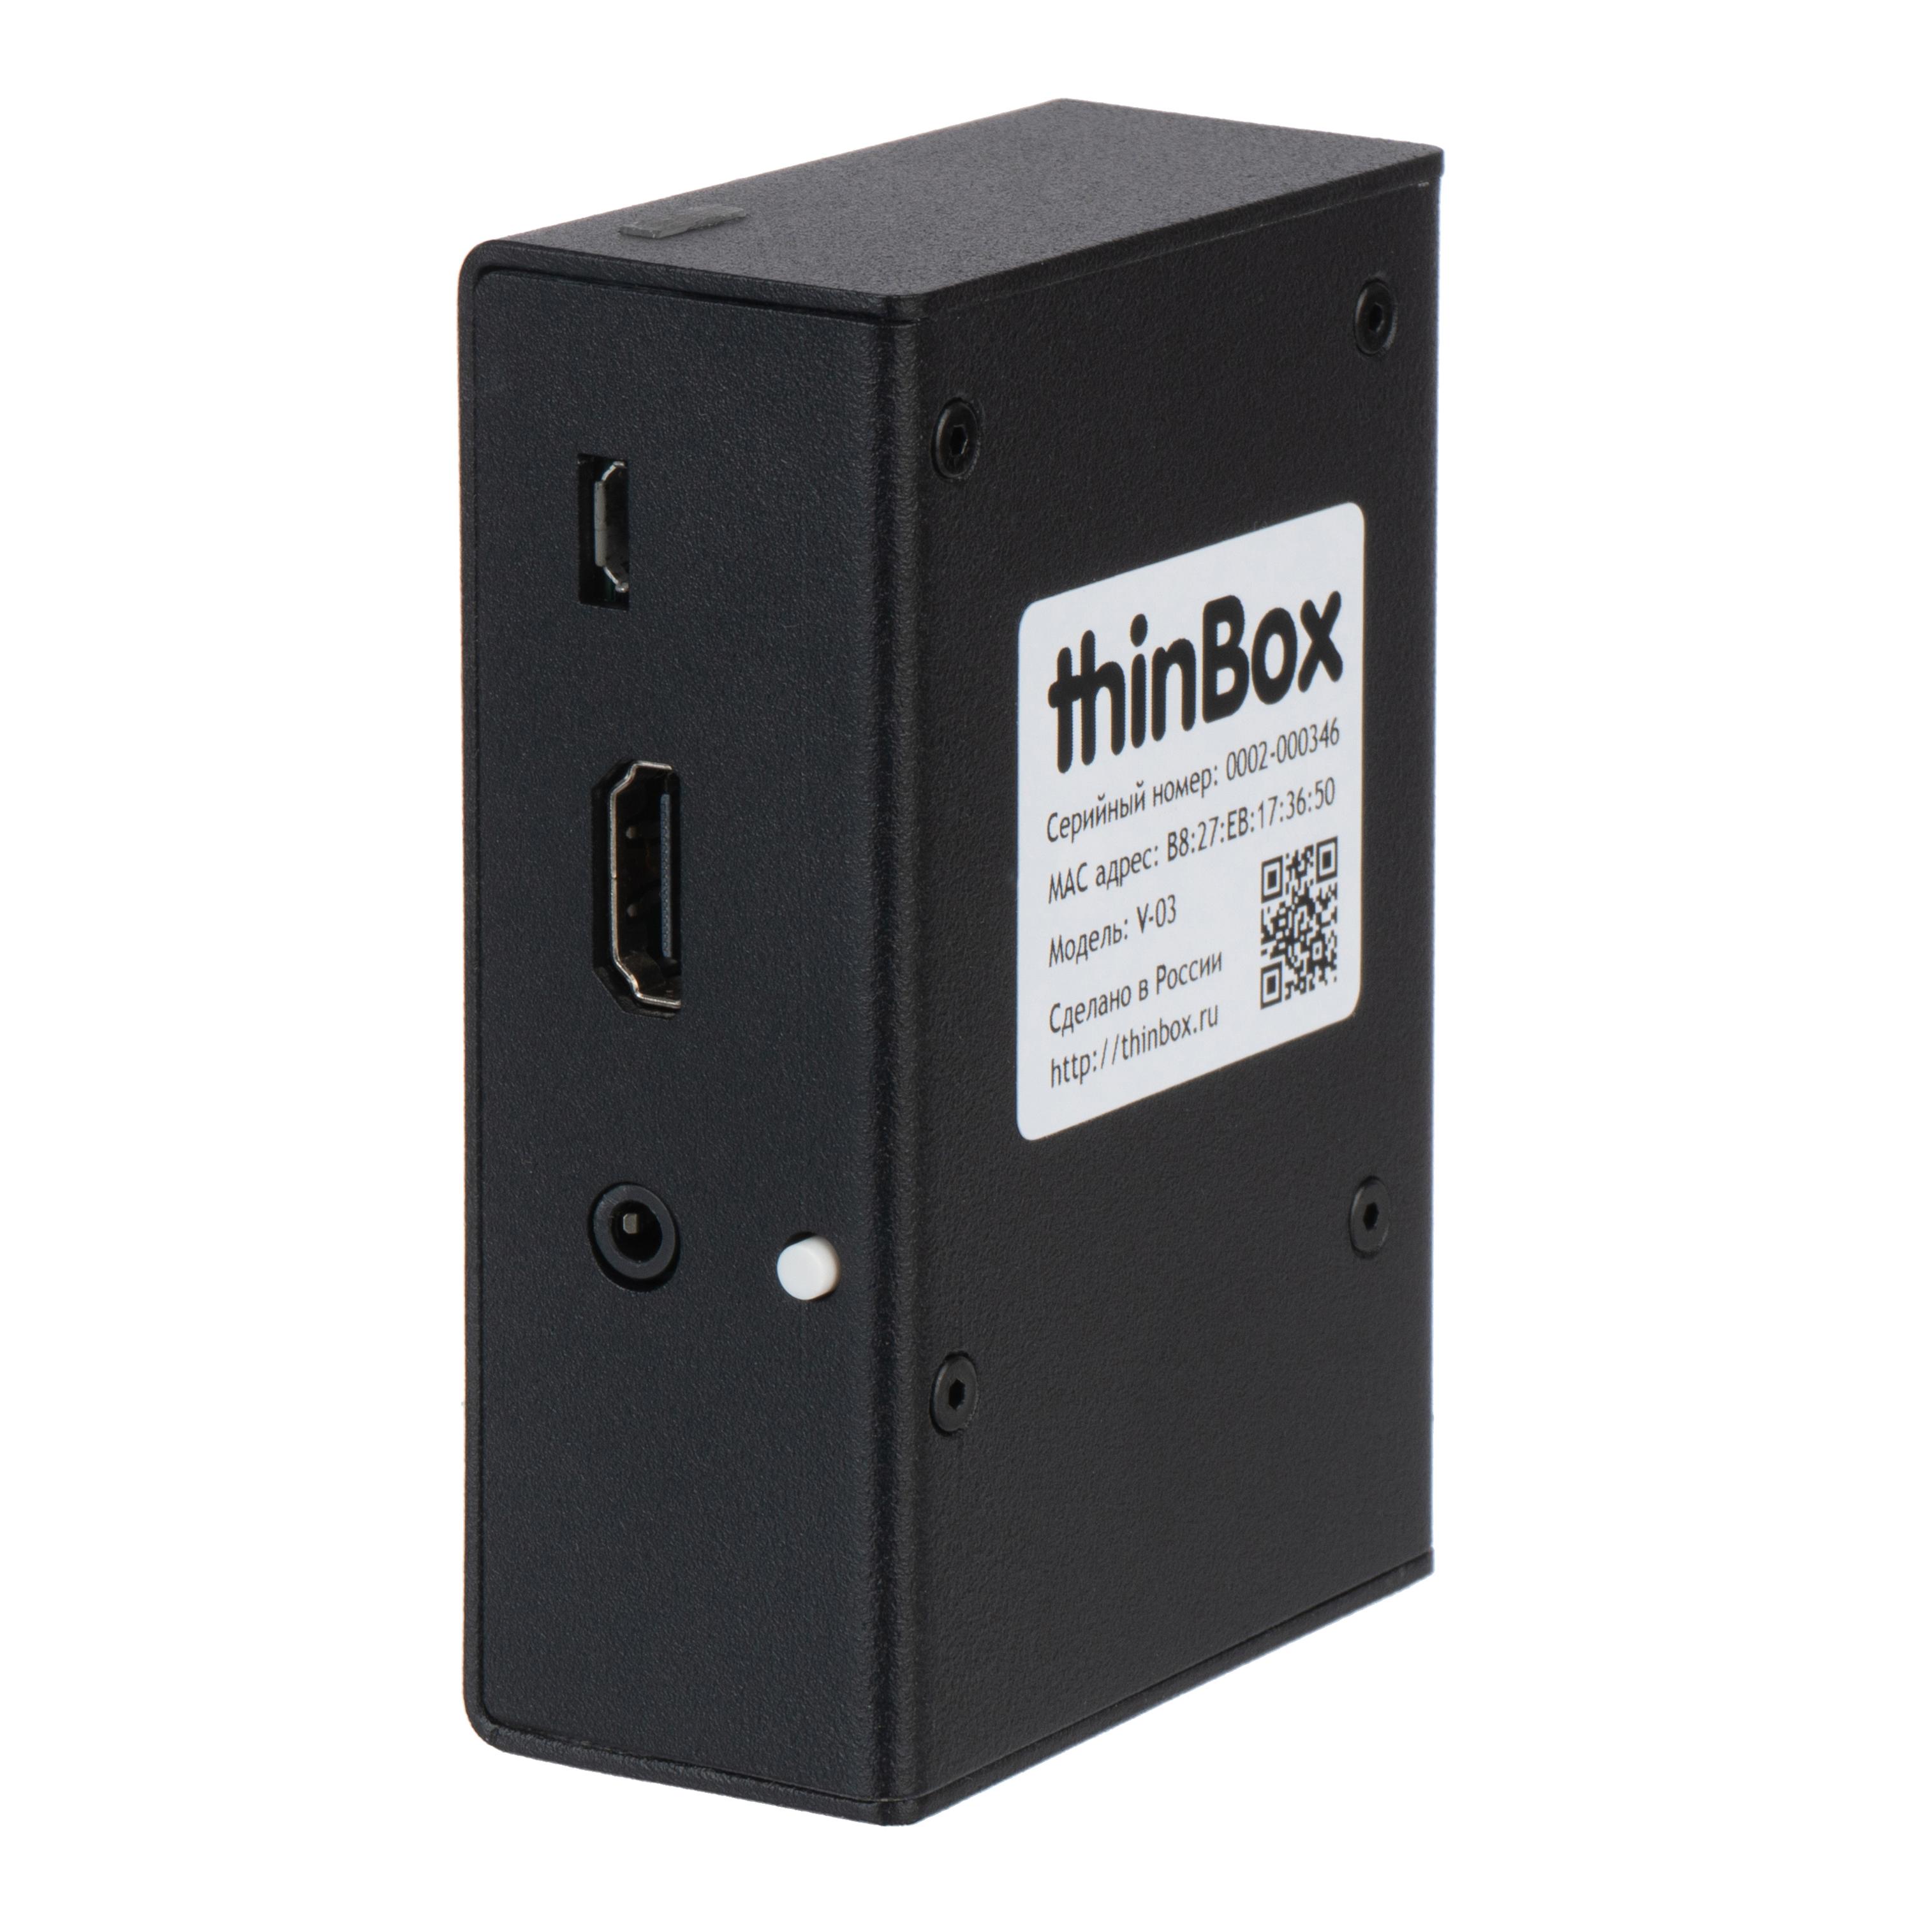 Тонкий клиент thinBox 3 PXE